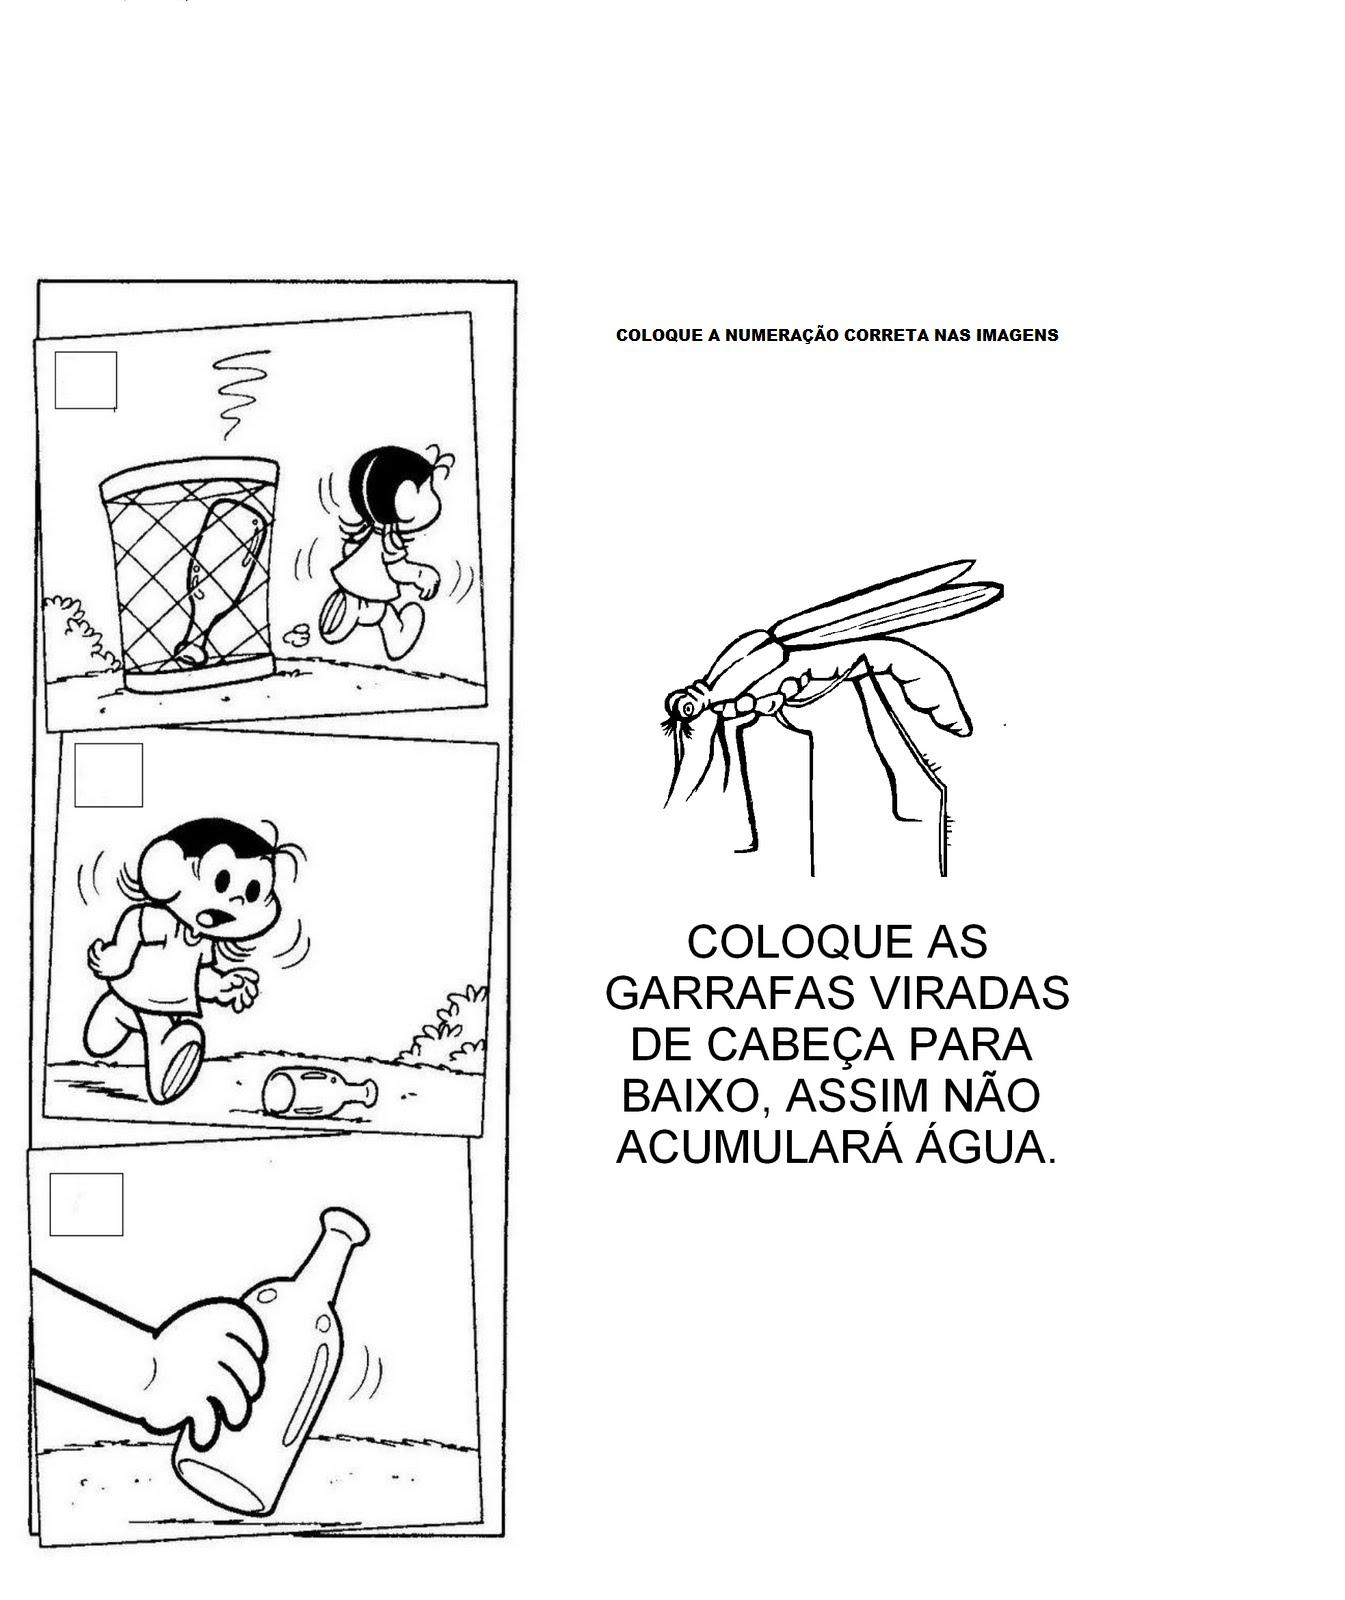 atividades horta pomar jardim educacao infantil:atividades para educação infantil 4 anos: atividades projeto dengue